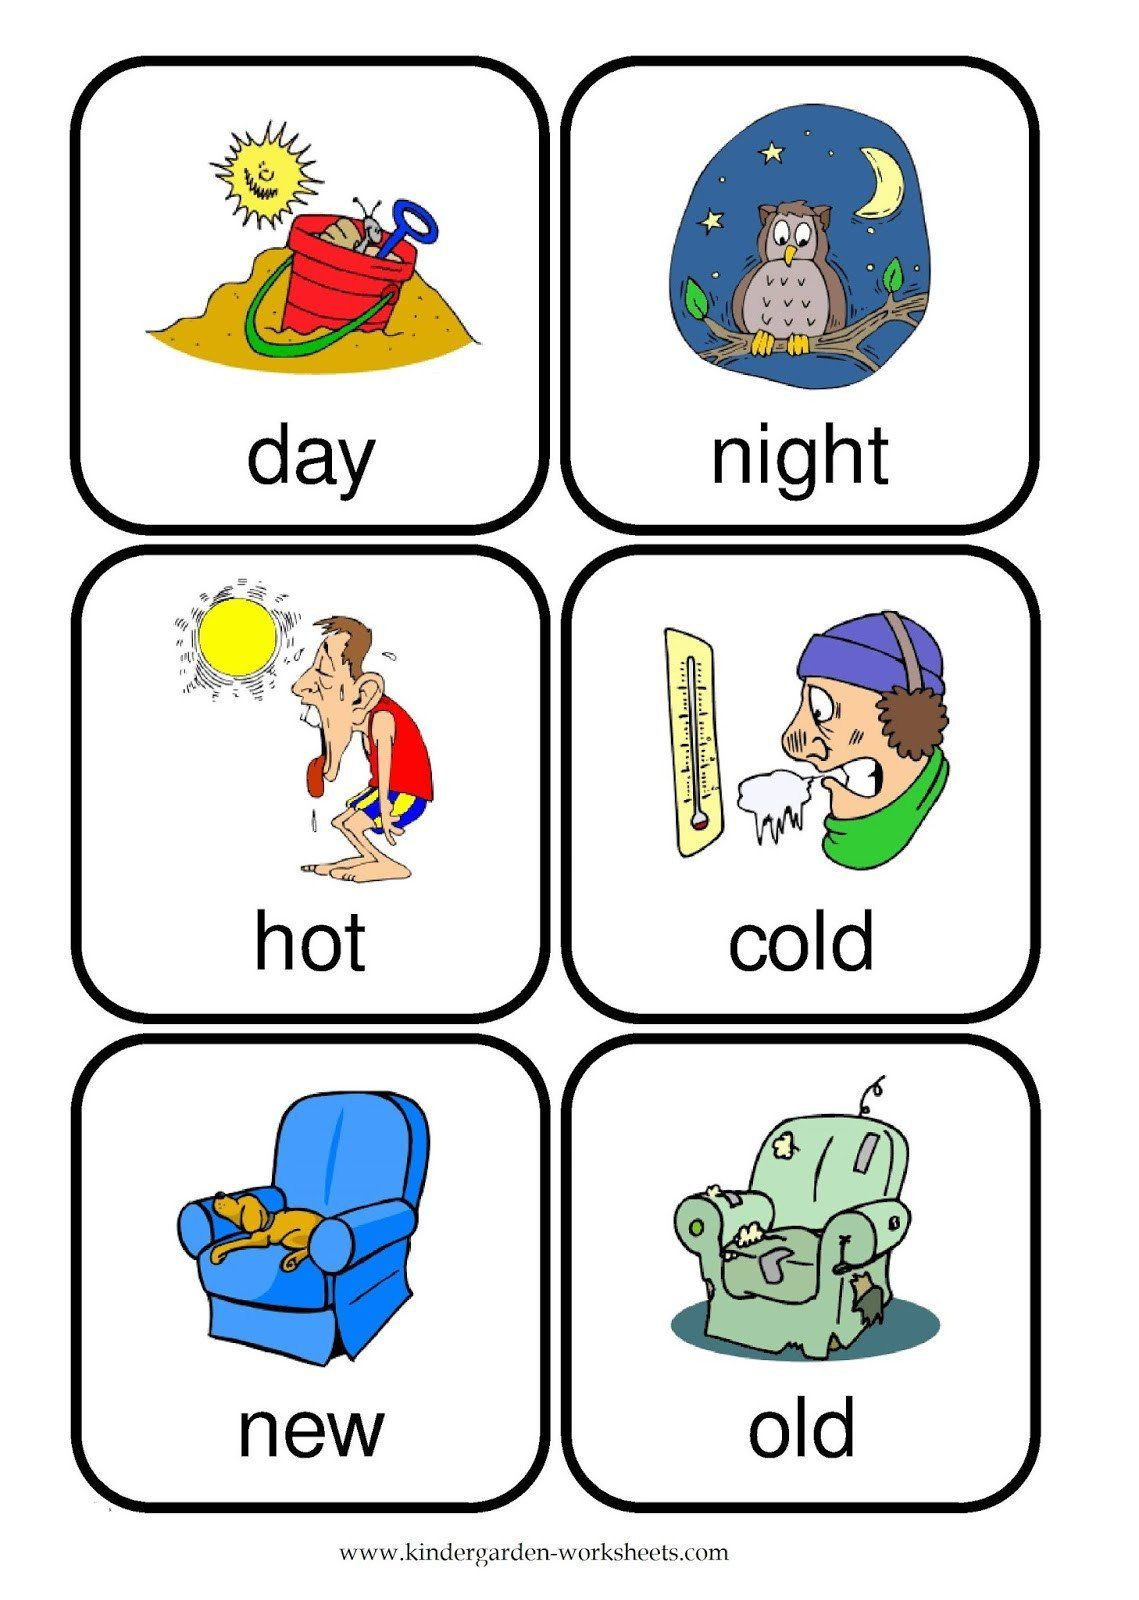 Opposites Worksheet For Kindergarten Opposite Words